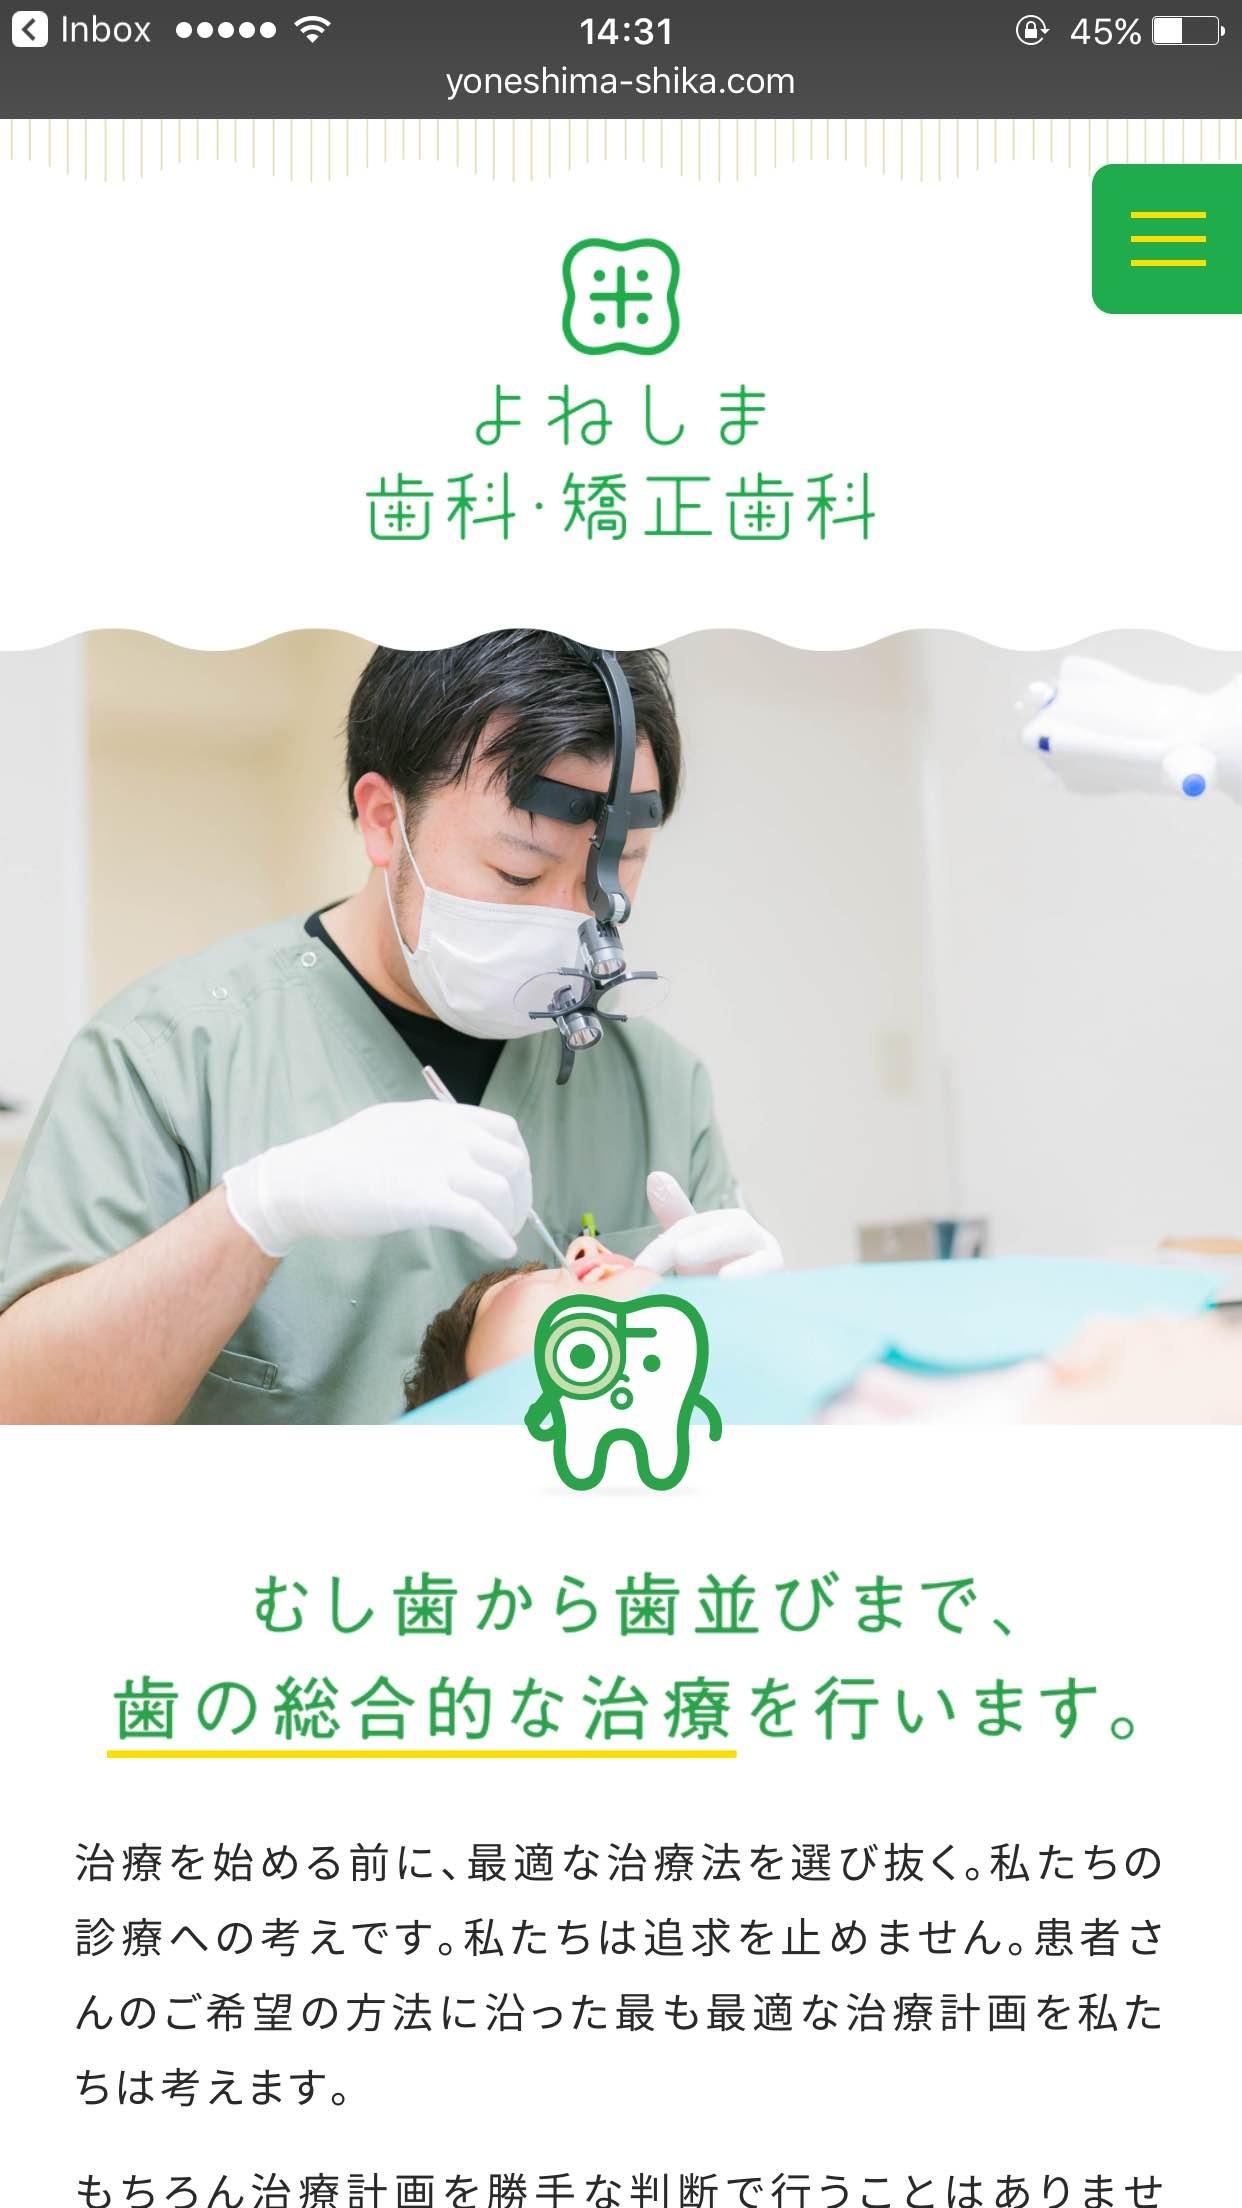 よねしま歯科・矯正歯科 | 福岡市中央区鳥飼